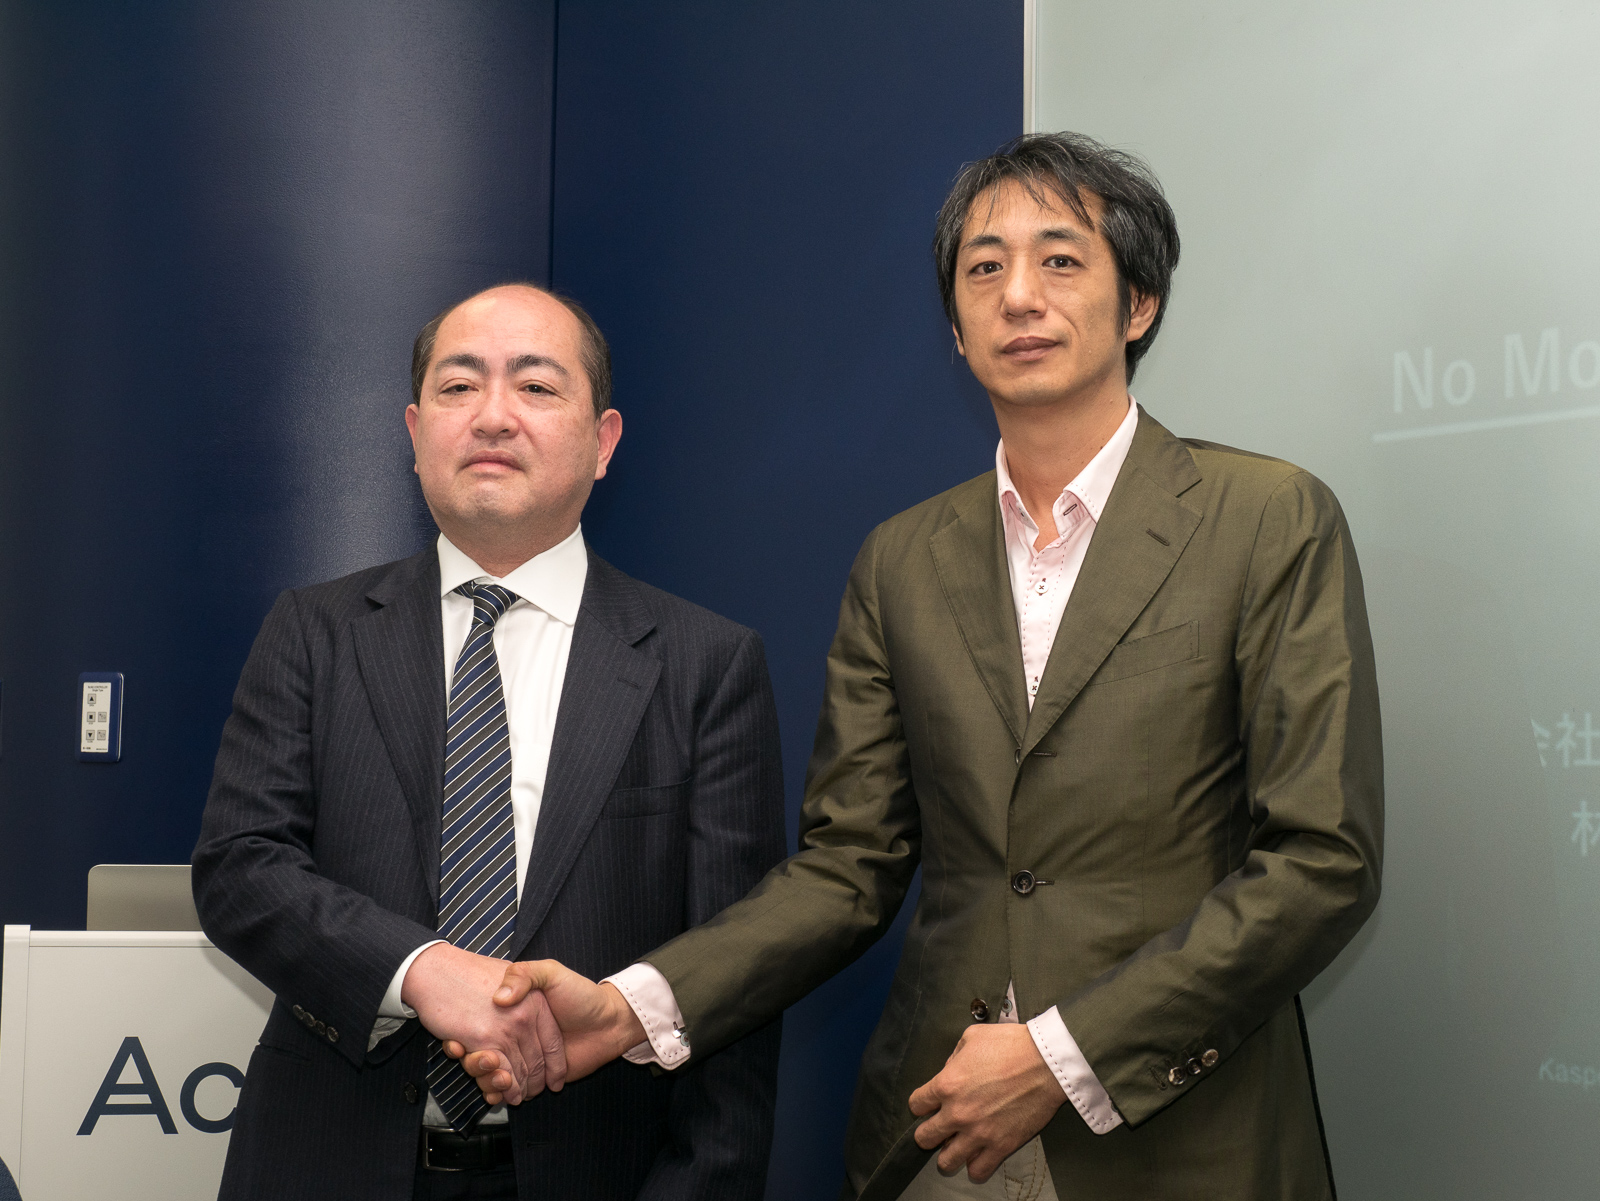 アクロニス・ジャパンの大岩憲三氏(左)とカスペルスキーの川合林太郎氏